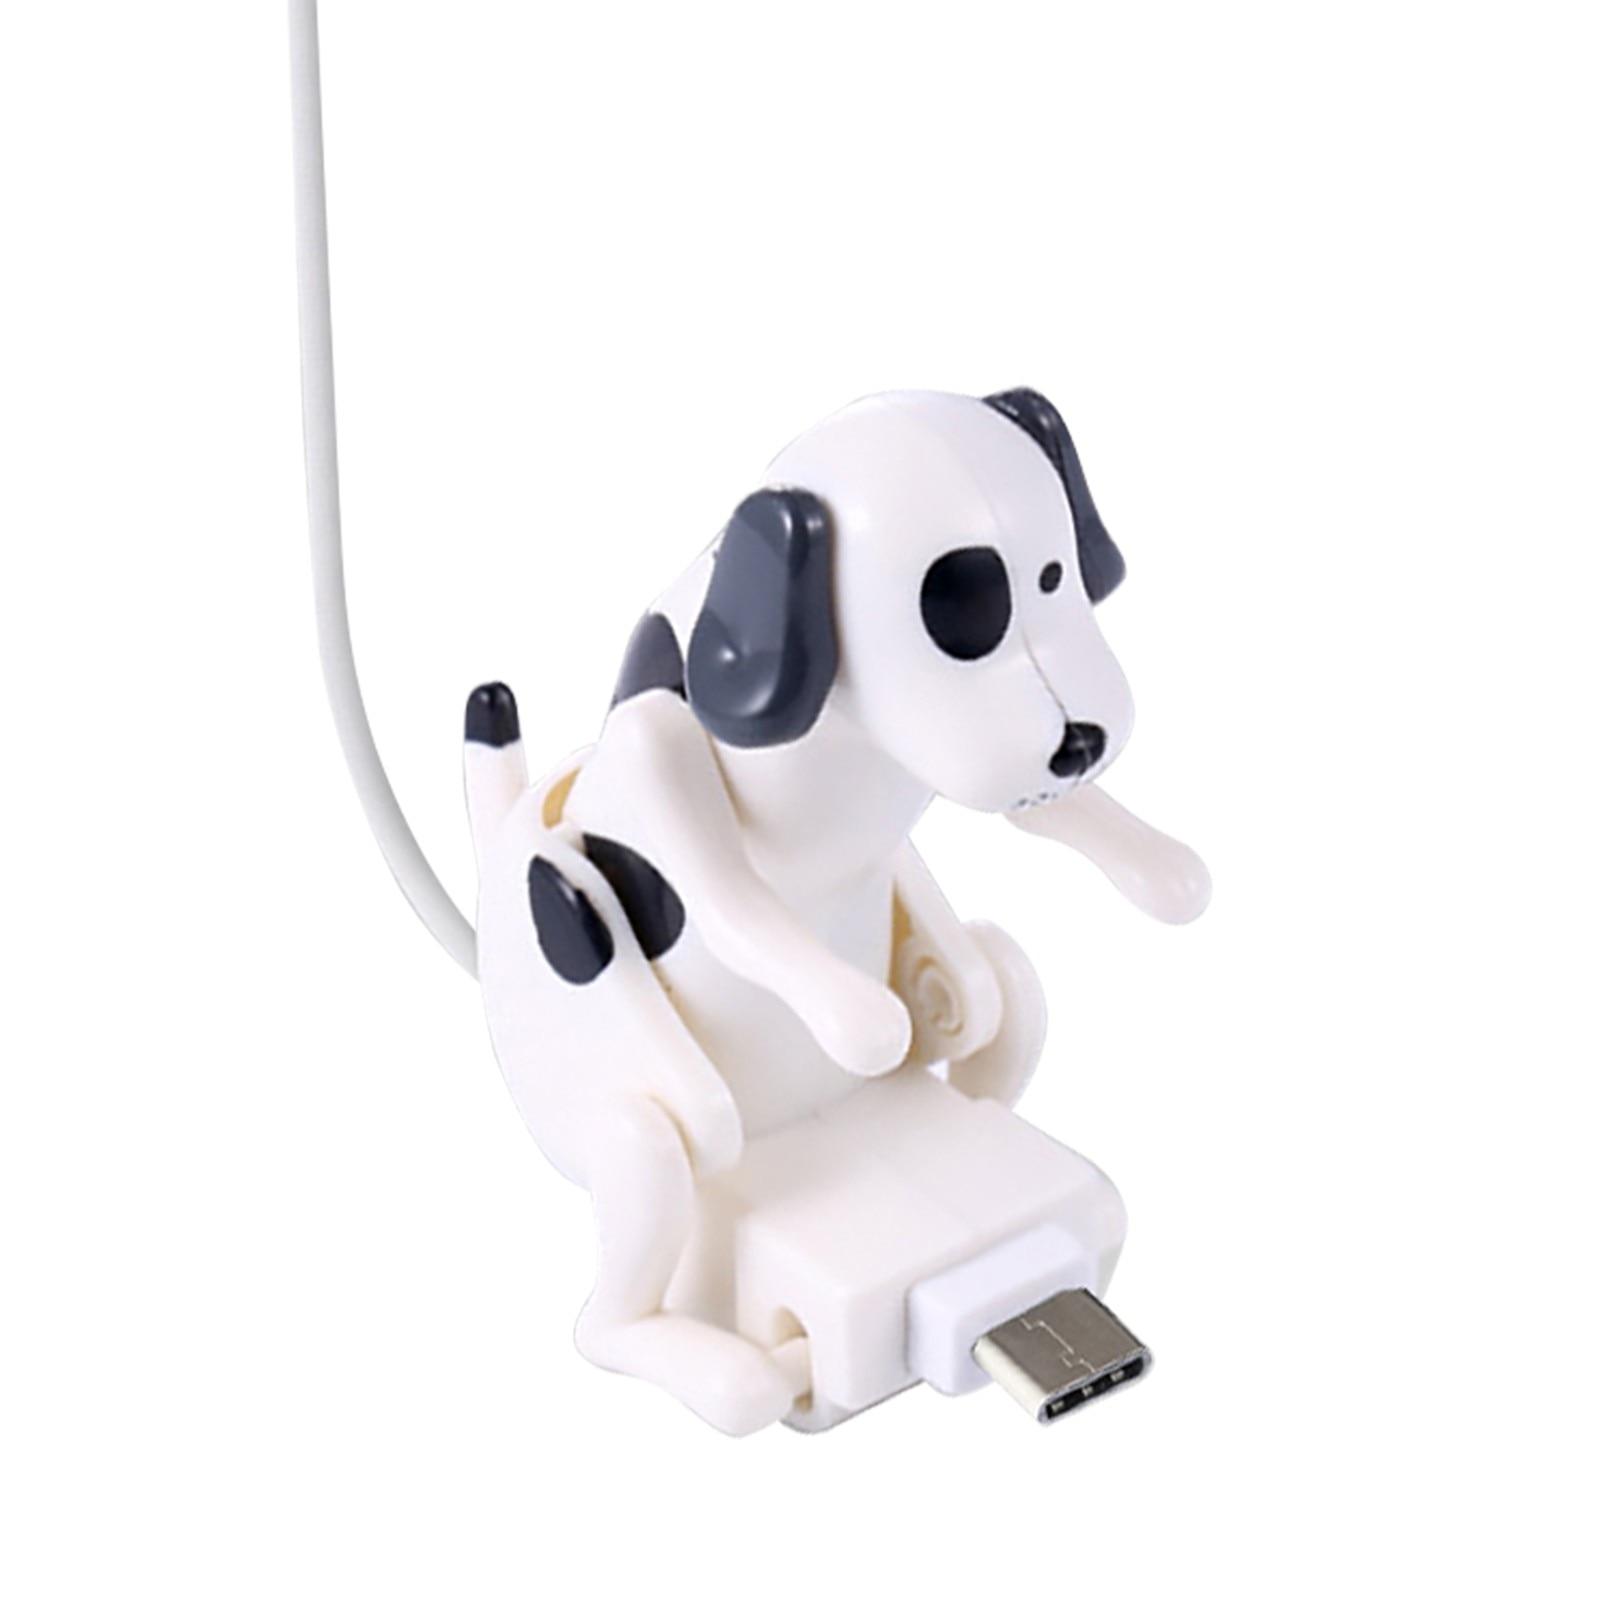 Мобильный телефон кабель для зарядки игрушка собака смартфон Зарядное устройство 1,2 м кабель для зарядки Micro Usb творчества маленькая собака ...